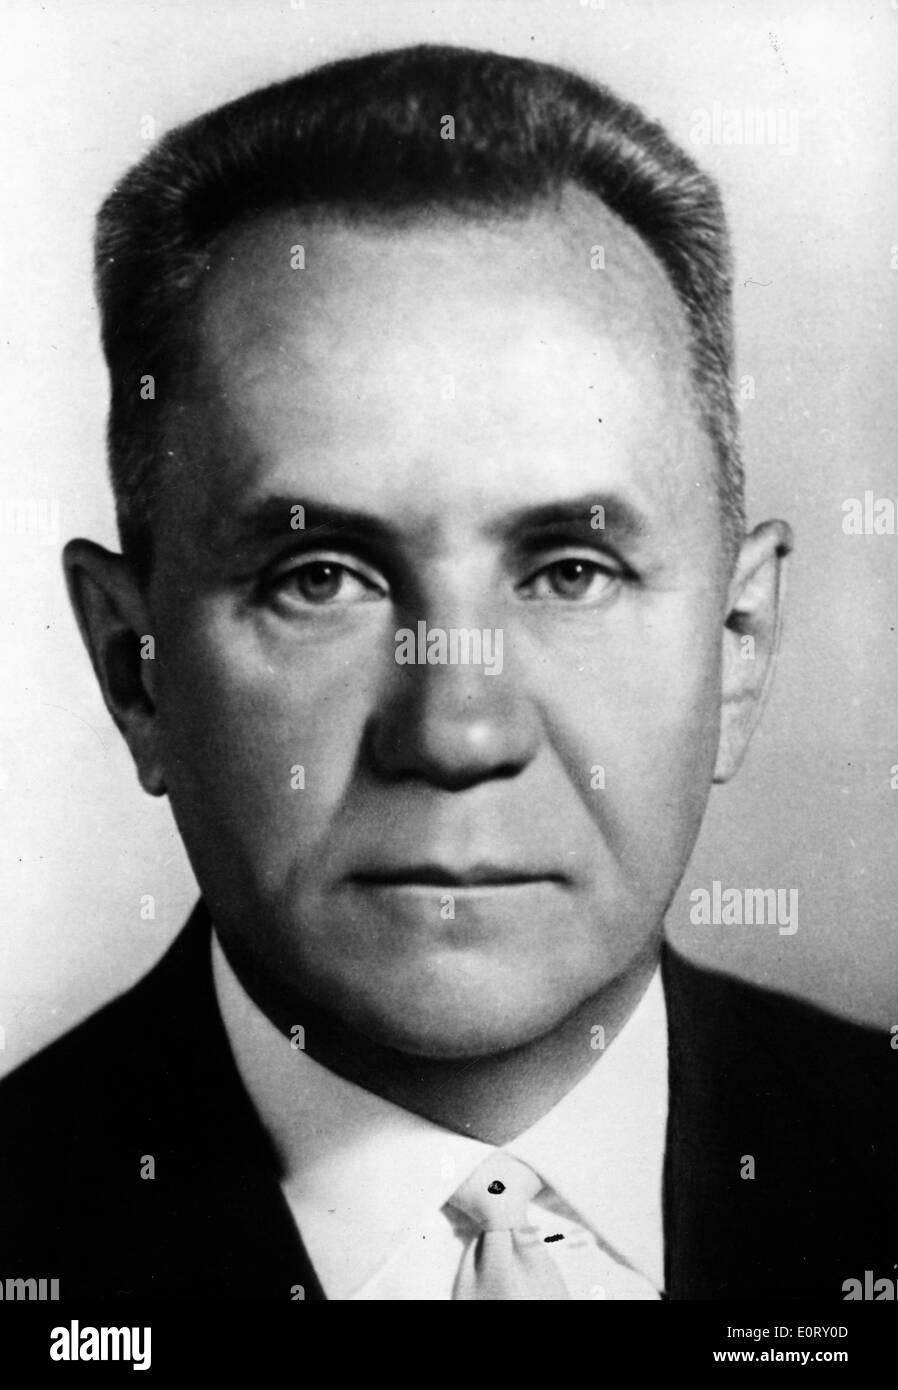 Portrait of Soviet-Russian statesman Alexei Kosygin - Stock Image